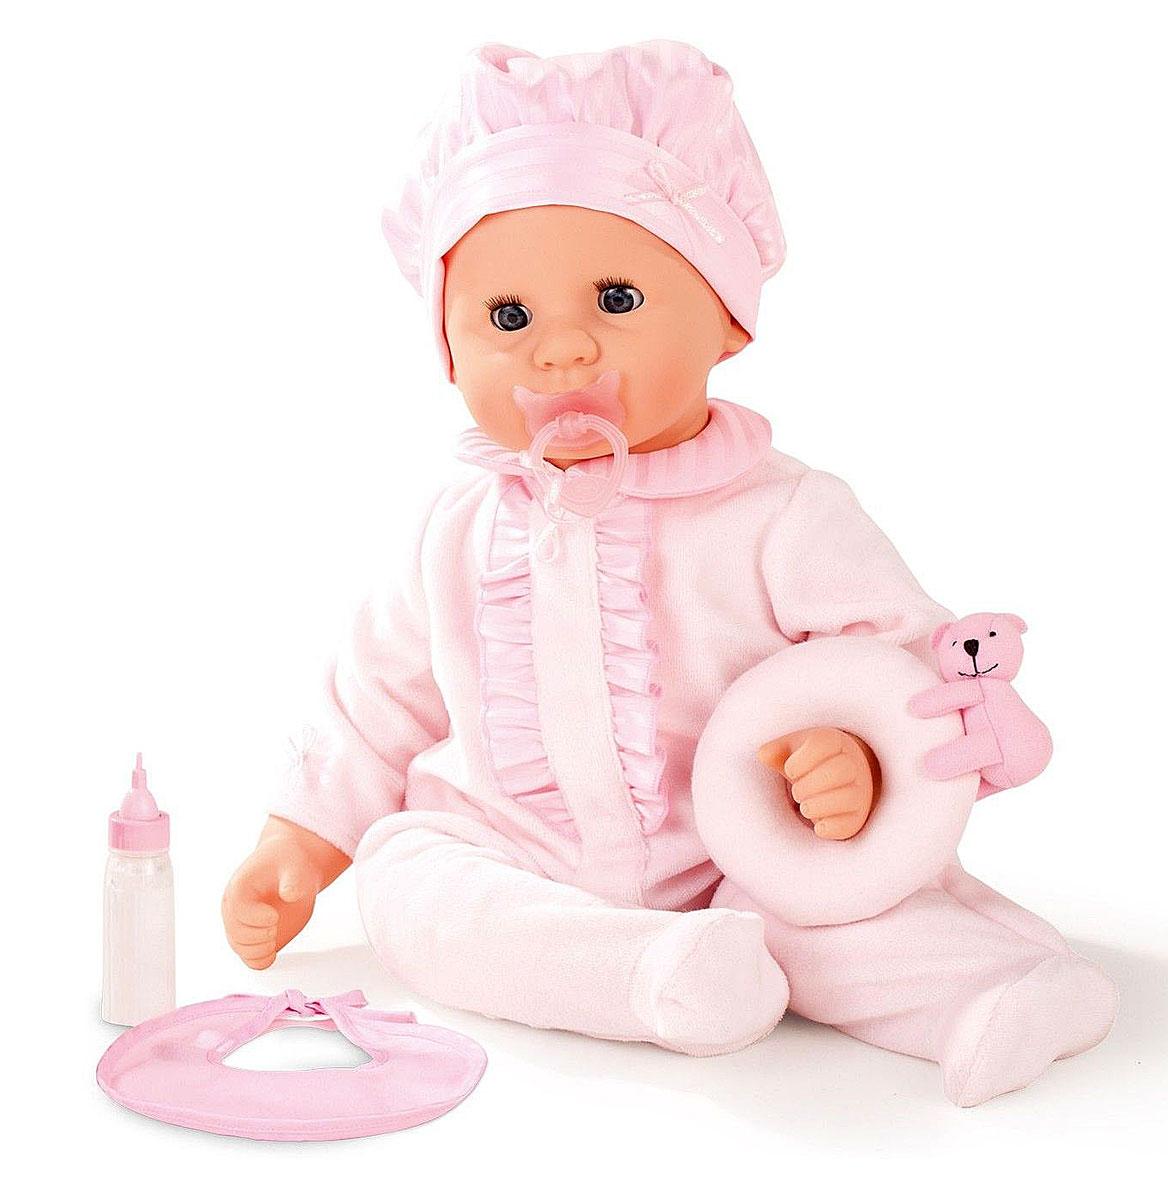 Gotz Пупс Малыш в розовом костюме gotz пупс аквини мальчик